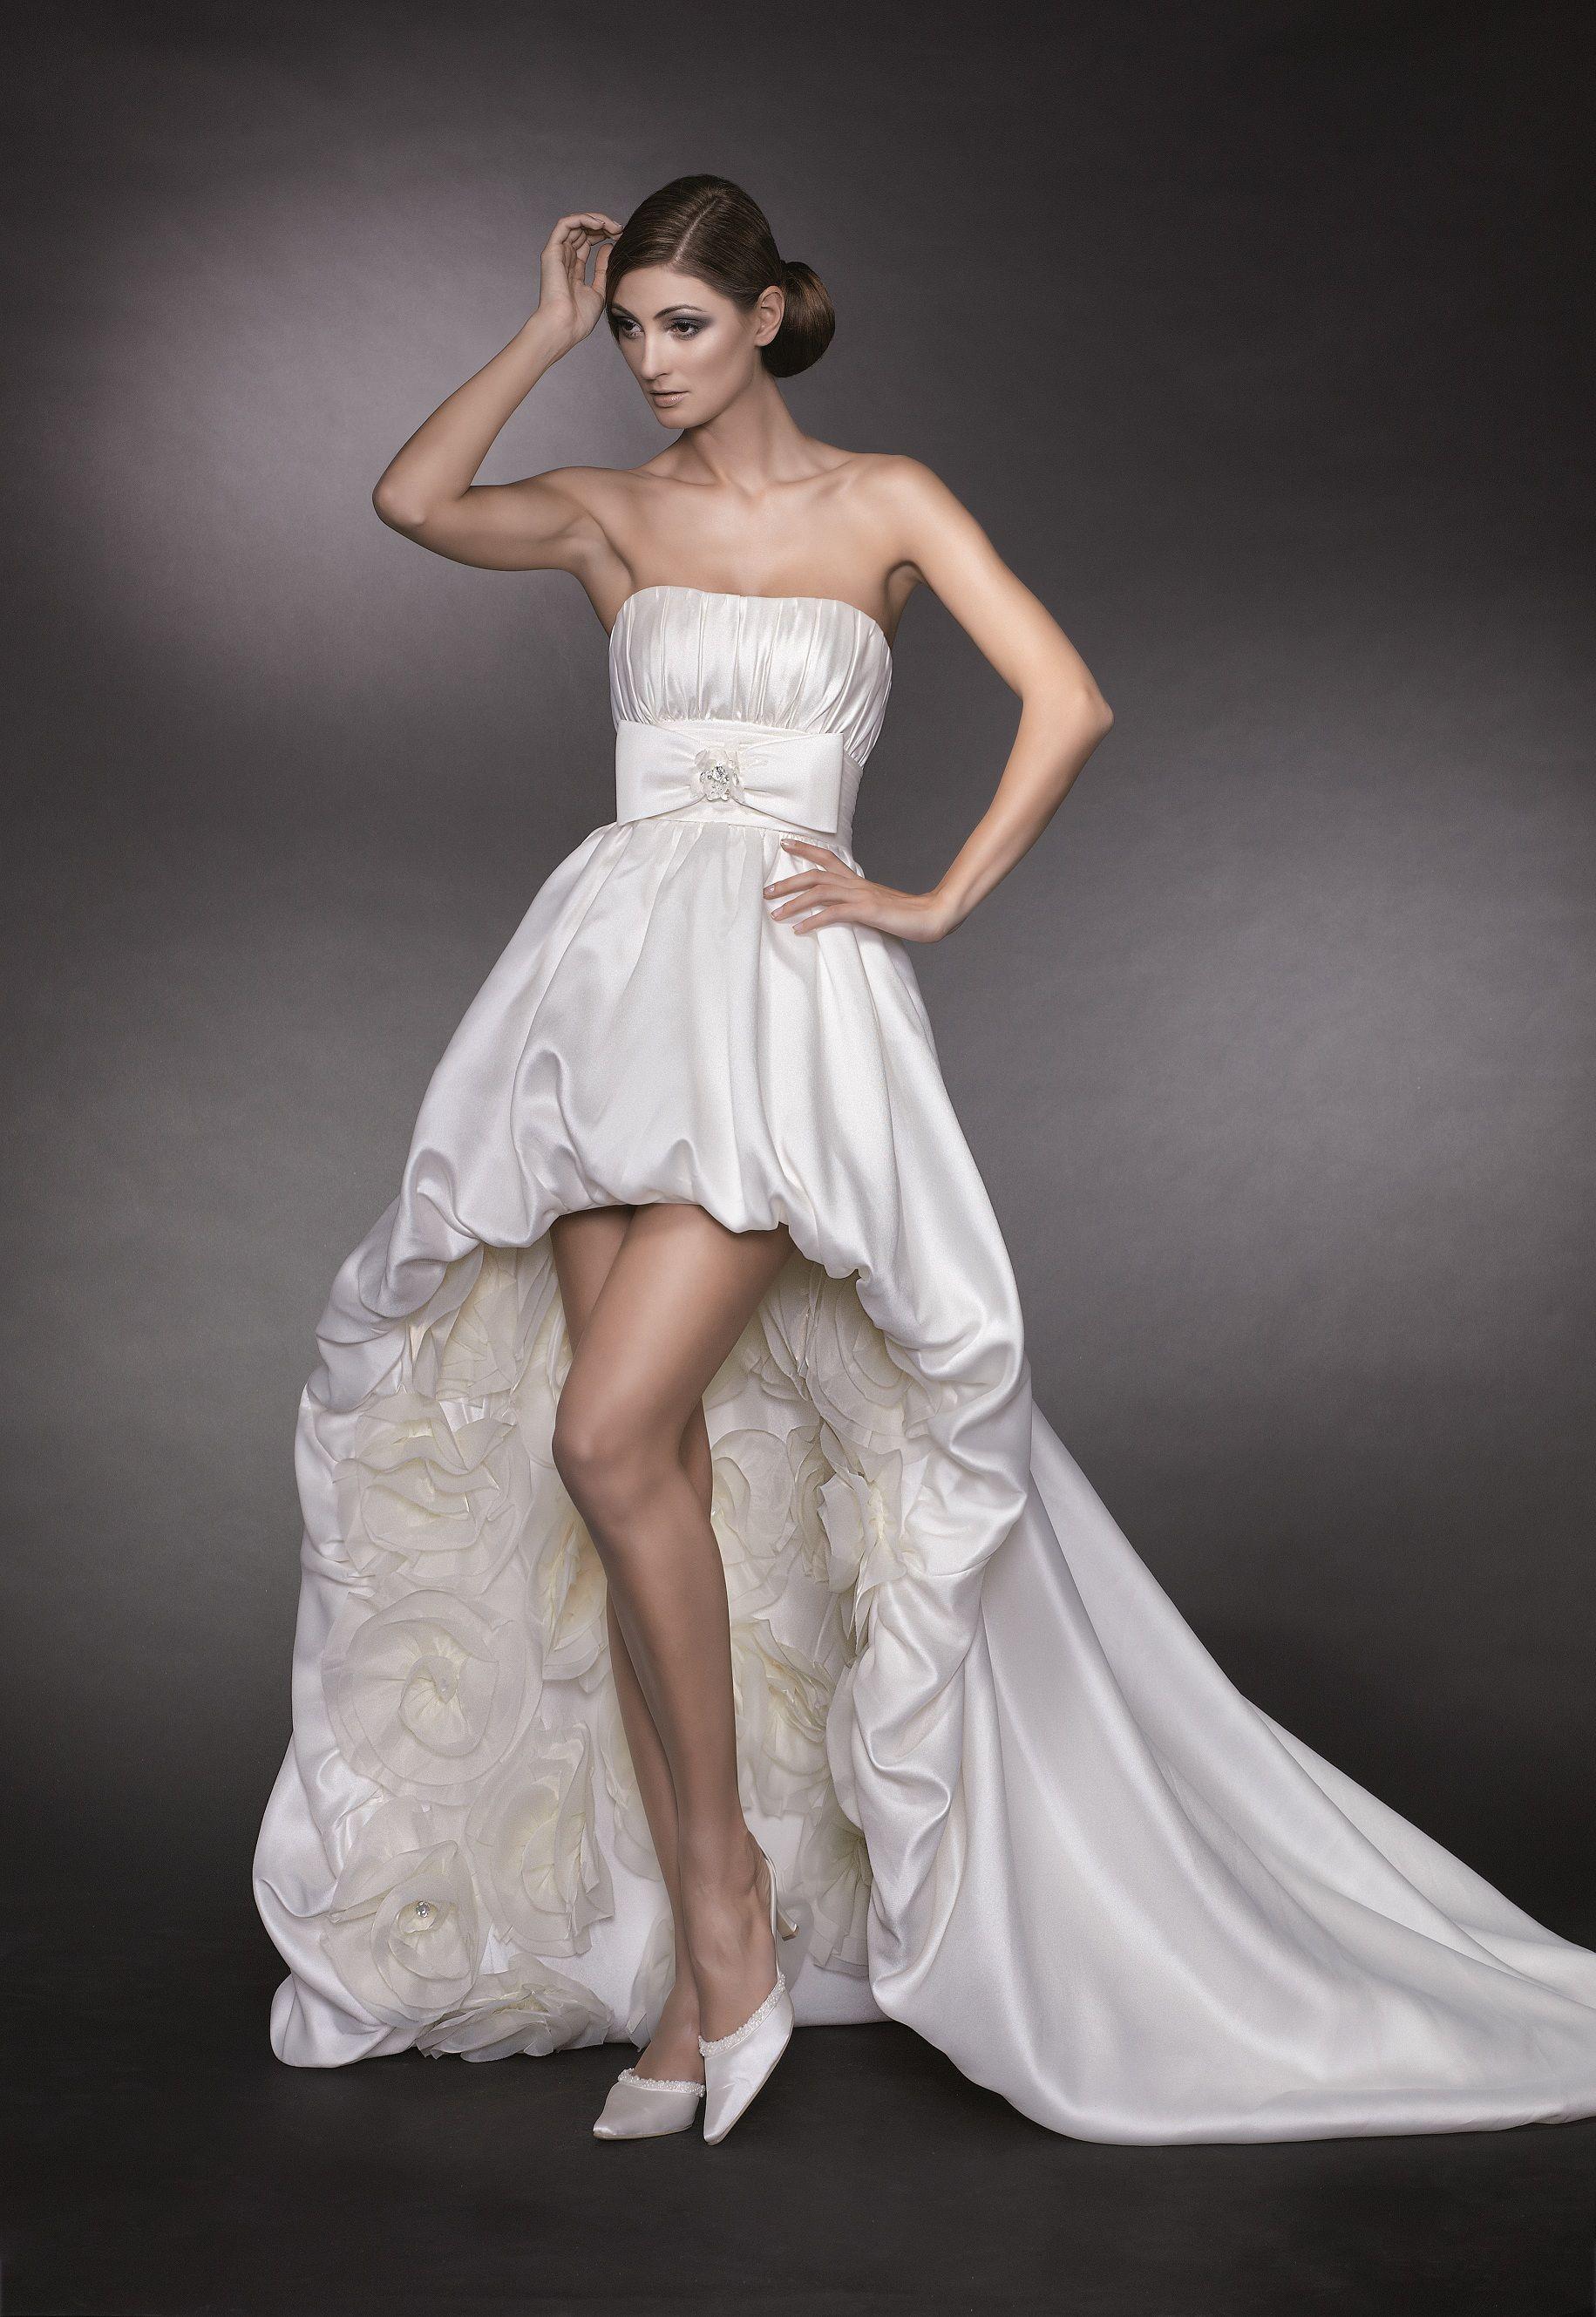 Billig und elegant hochzeitskleid vorne kurz hinten lang | kleidung ...